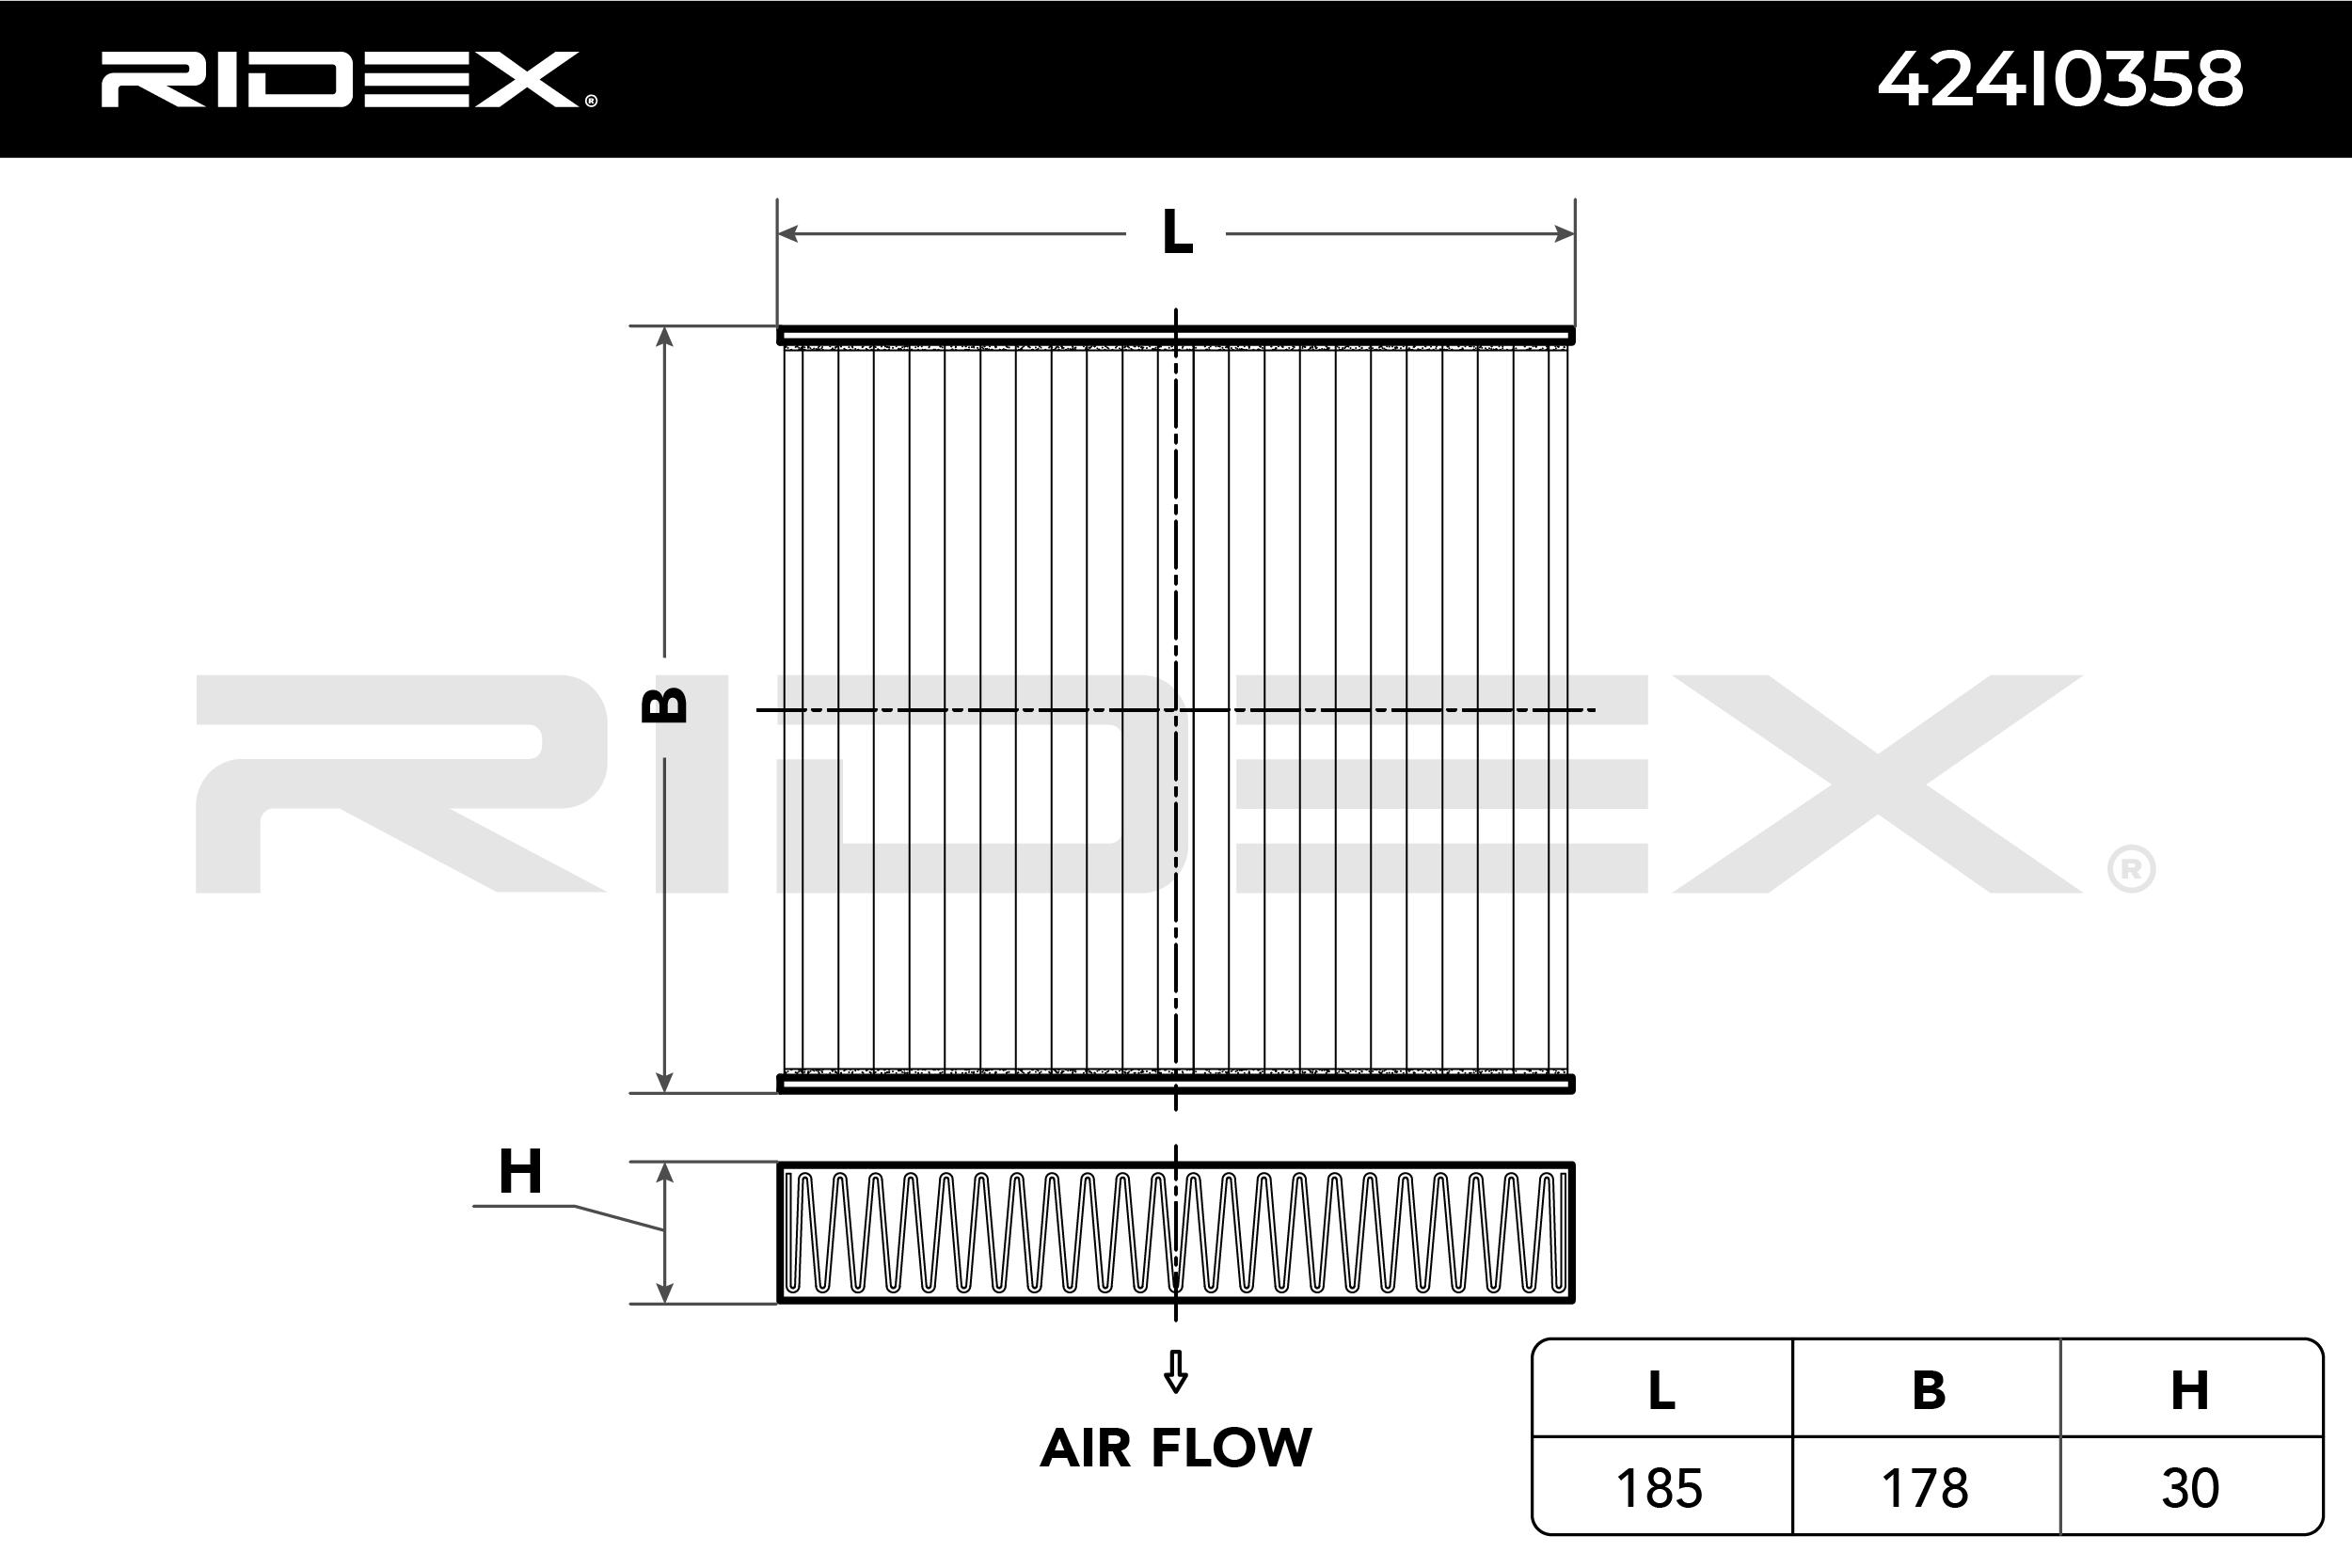 RIDEX: Original Kabinenluftfilter 424I0358 (Breite: 178mm, Höhe: 30mm, Länge: 185mm)